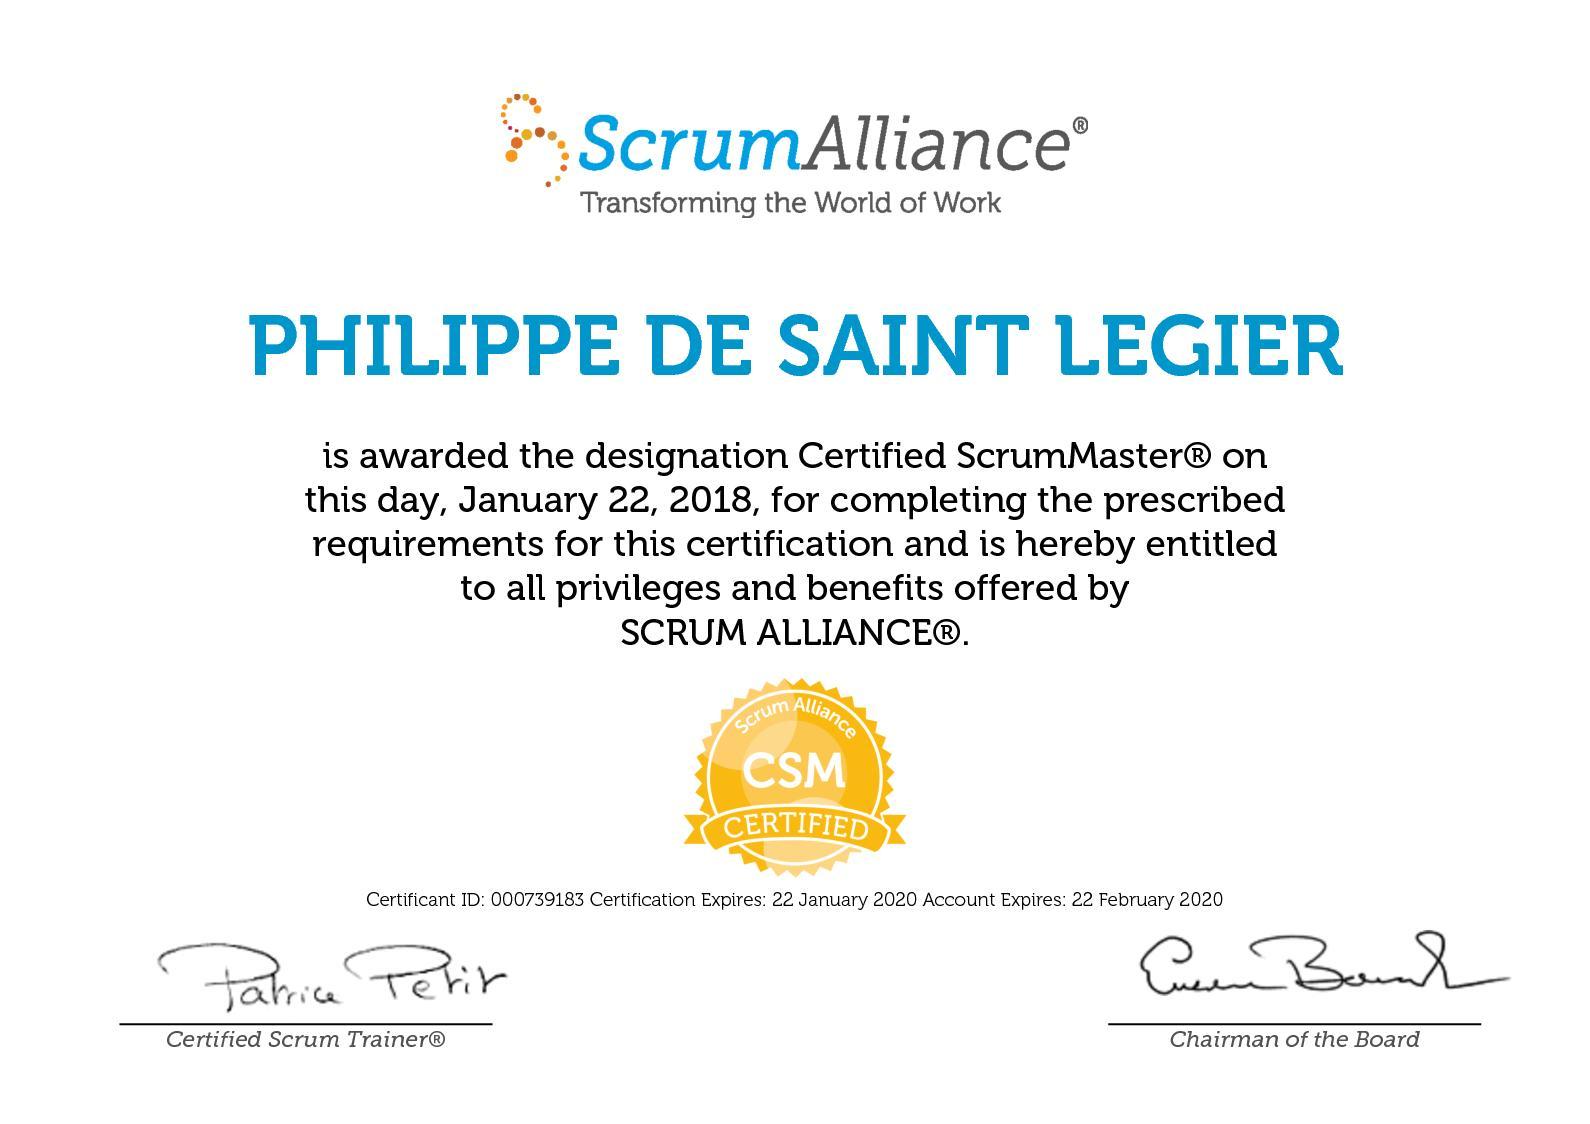 Calamo Philippe De Saint Legier Scrum Alliance Csm Certificate